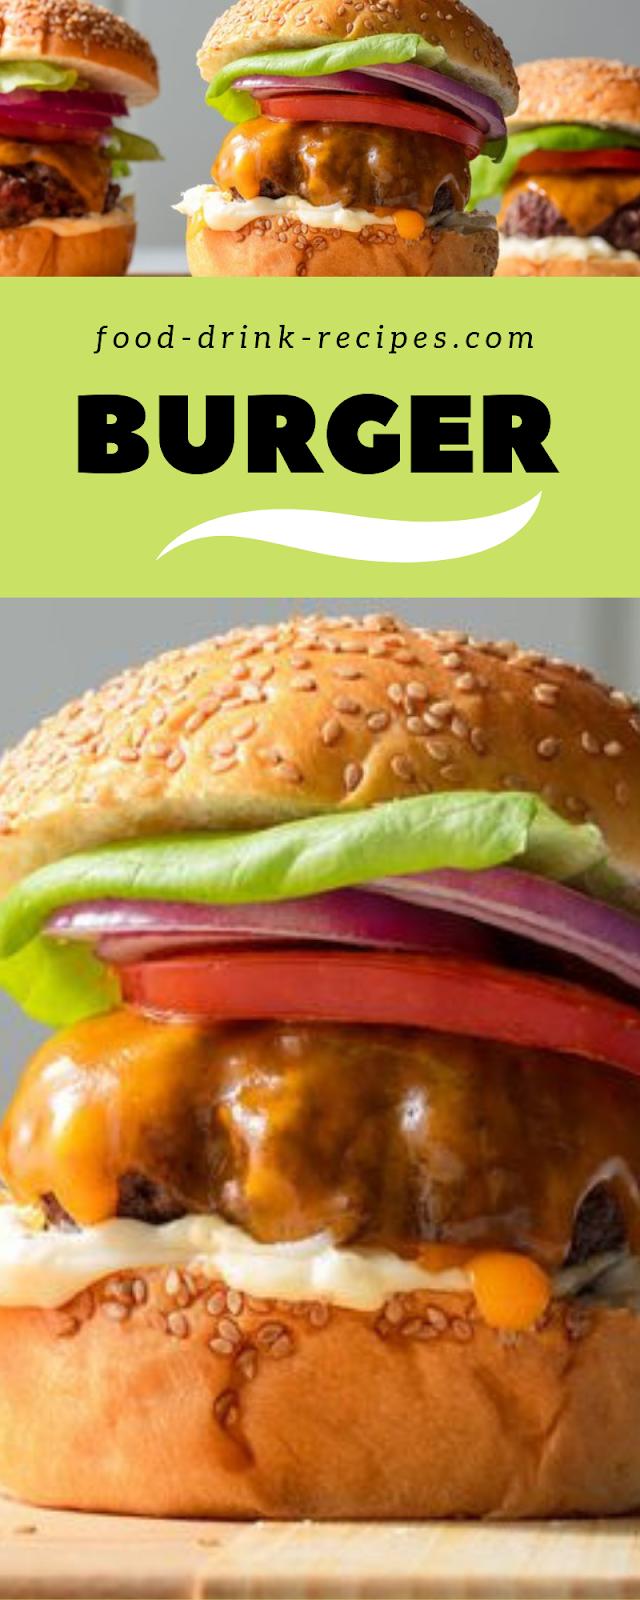 Burger - food-drink-recipes.com